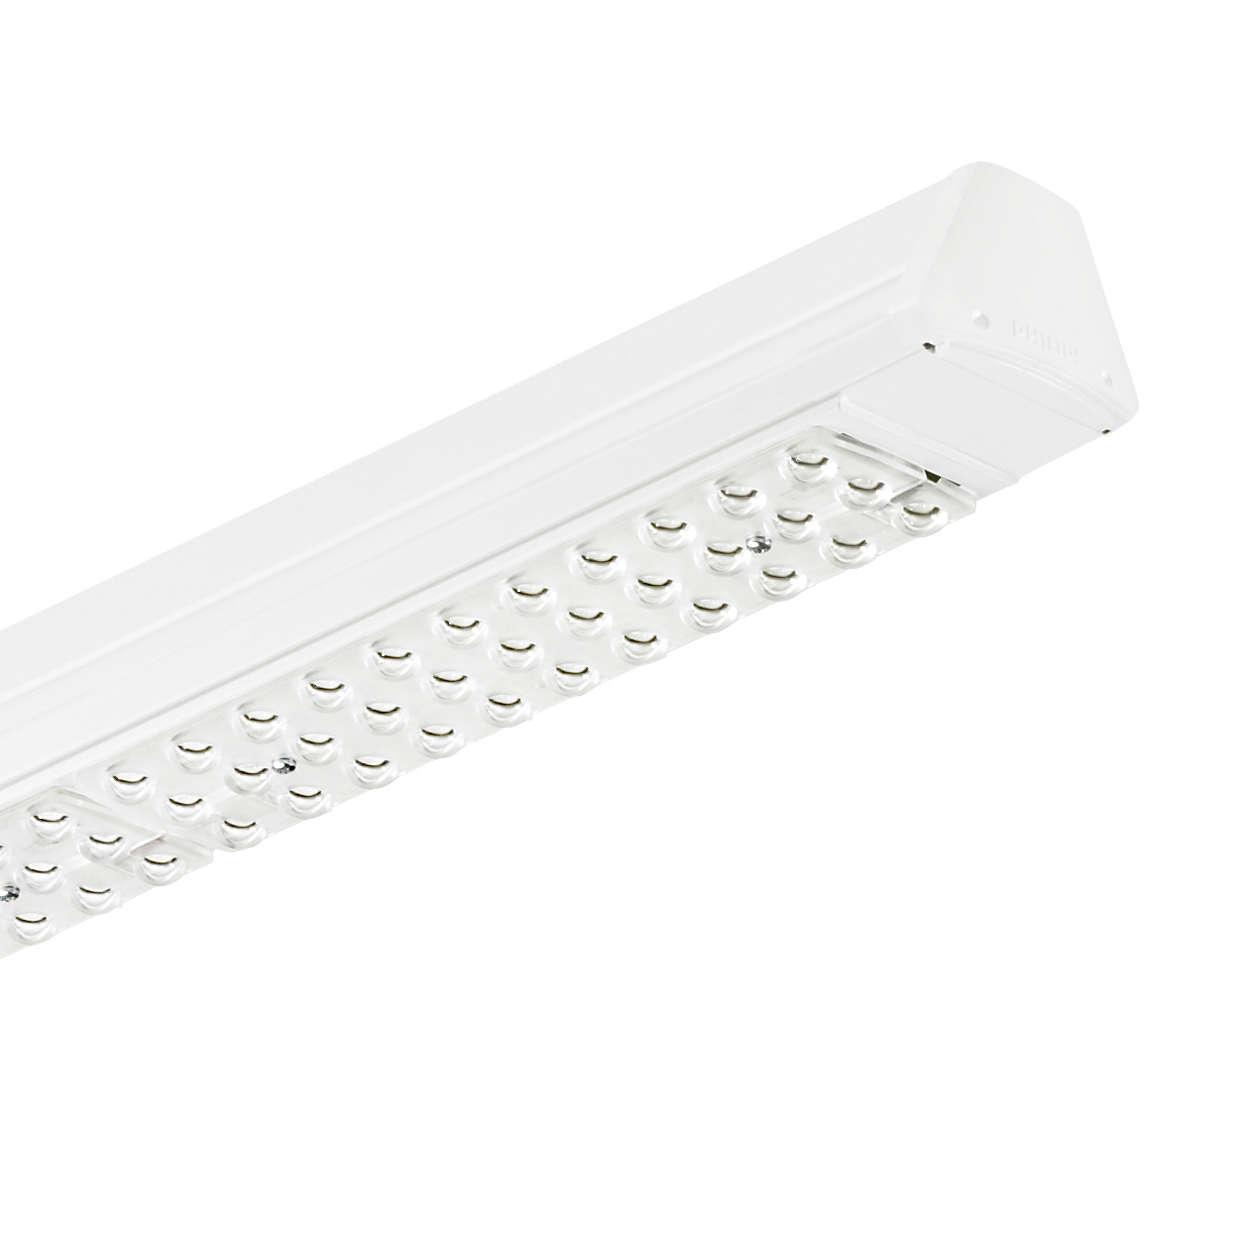 Maxos LED Industry – inovatívne a flexibilné riešenie poskytujúce ideálny svetelný výkon